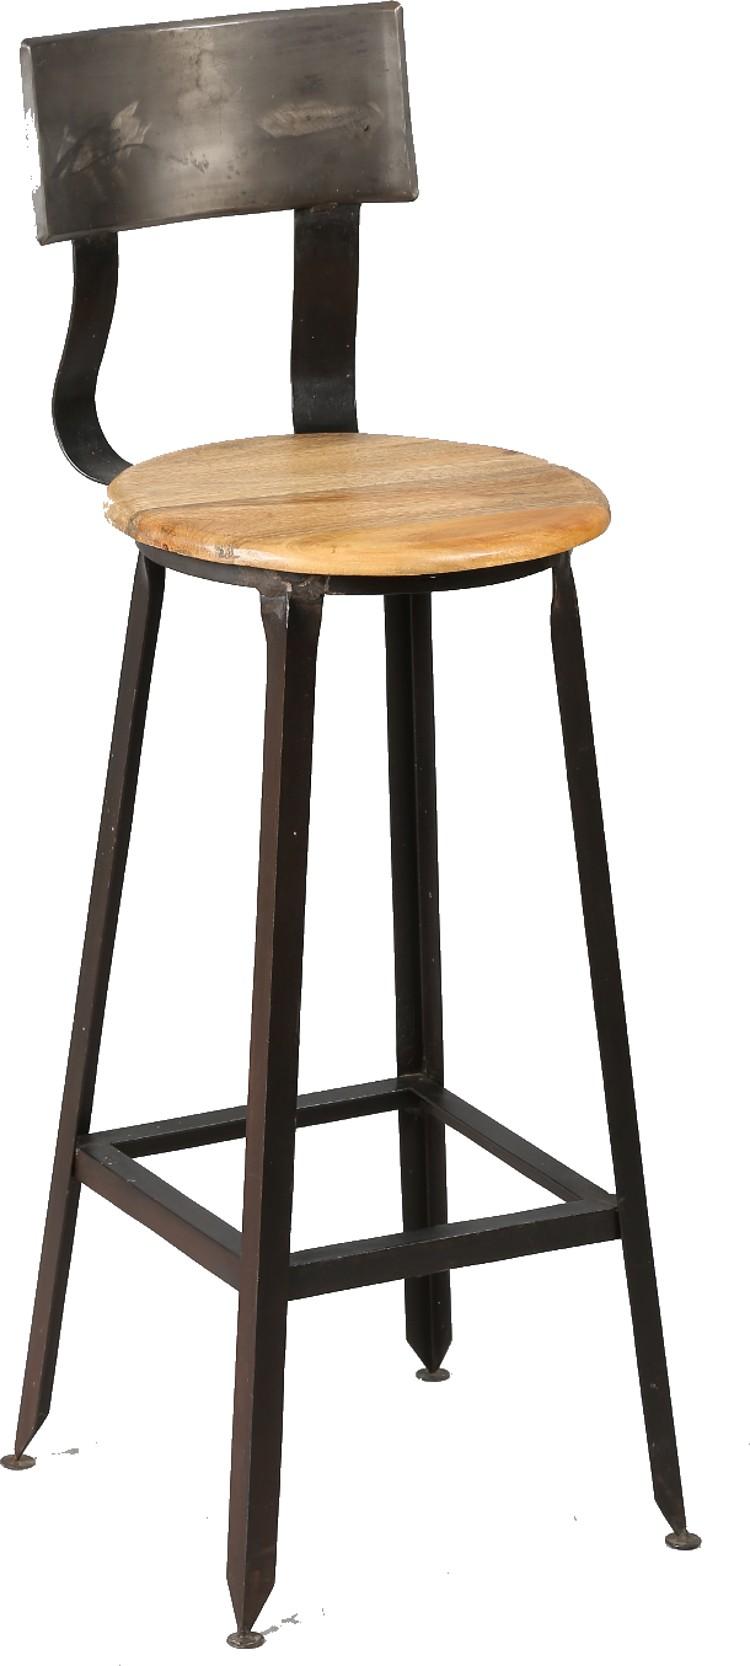 Chaise Bois Et Metal Industriel chaise haute industriel en bois et acier